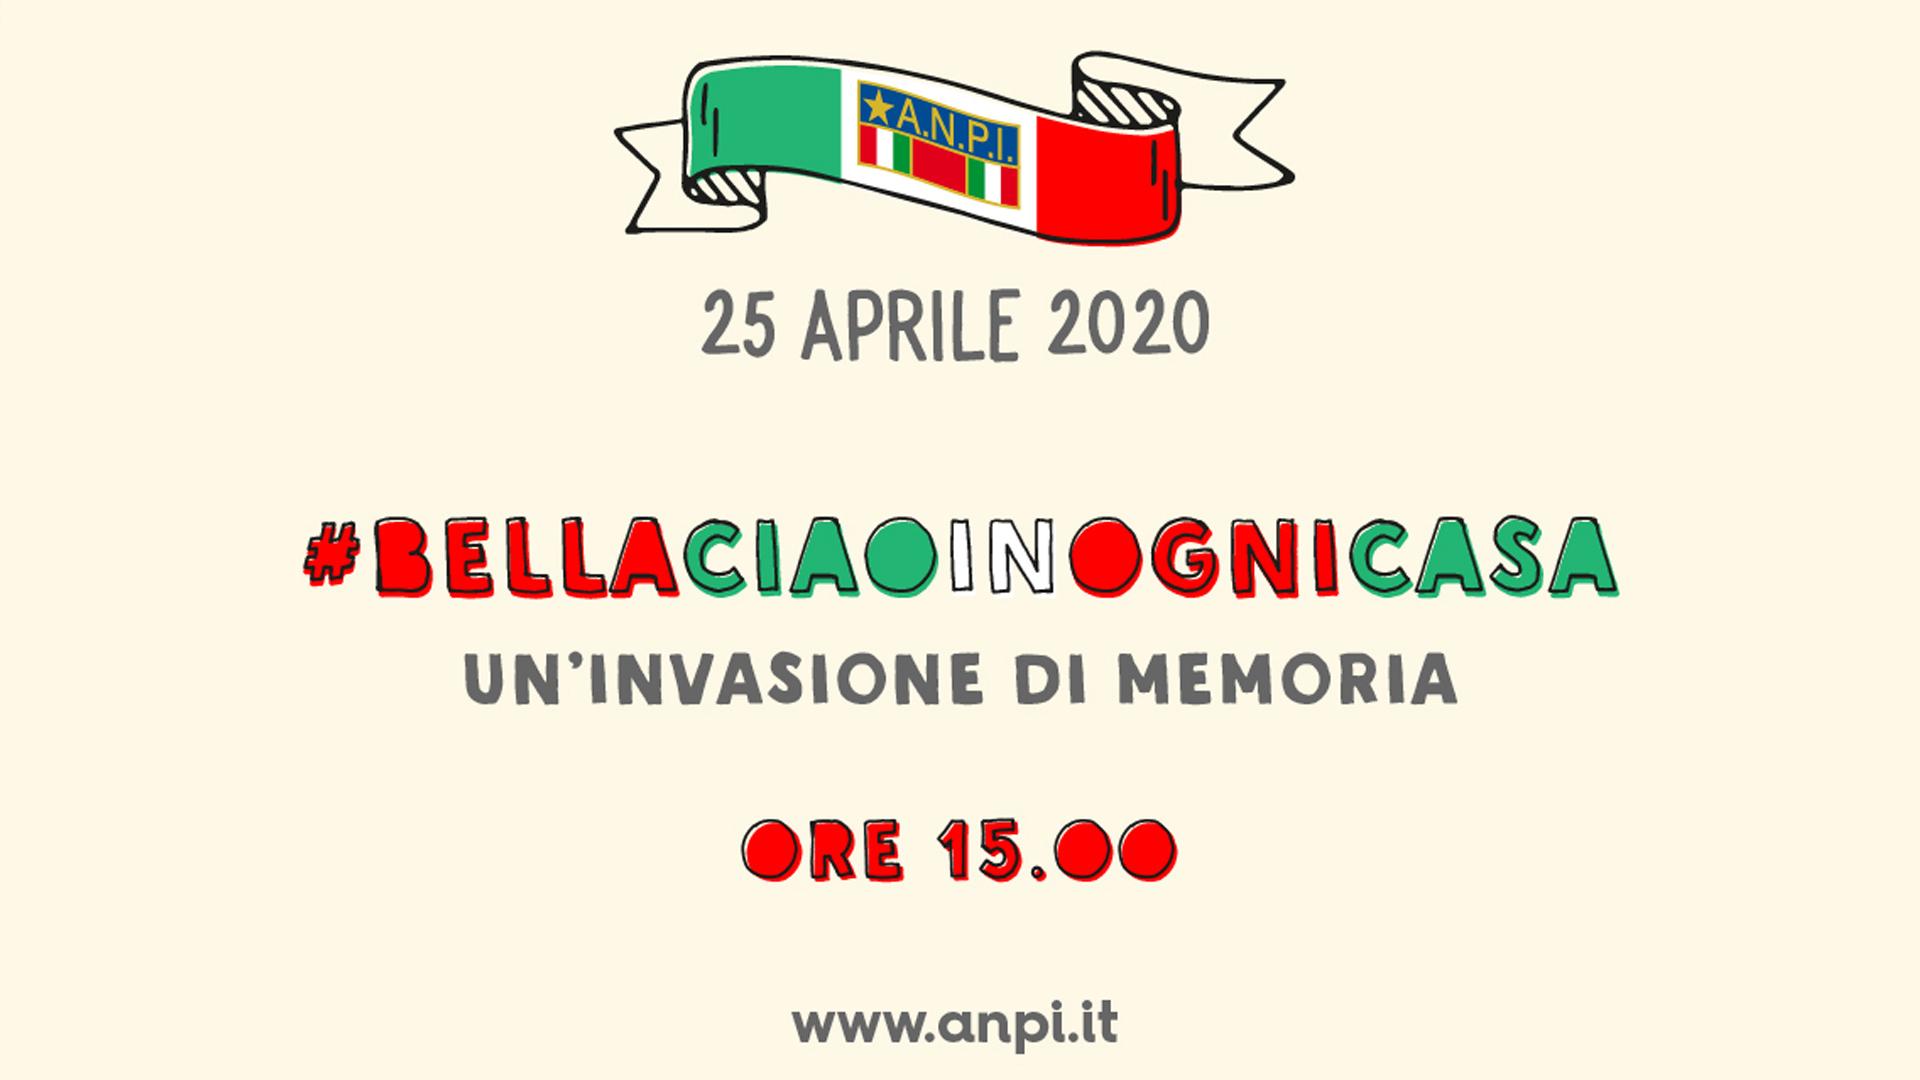 ANPI 25 aprile 2020